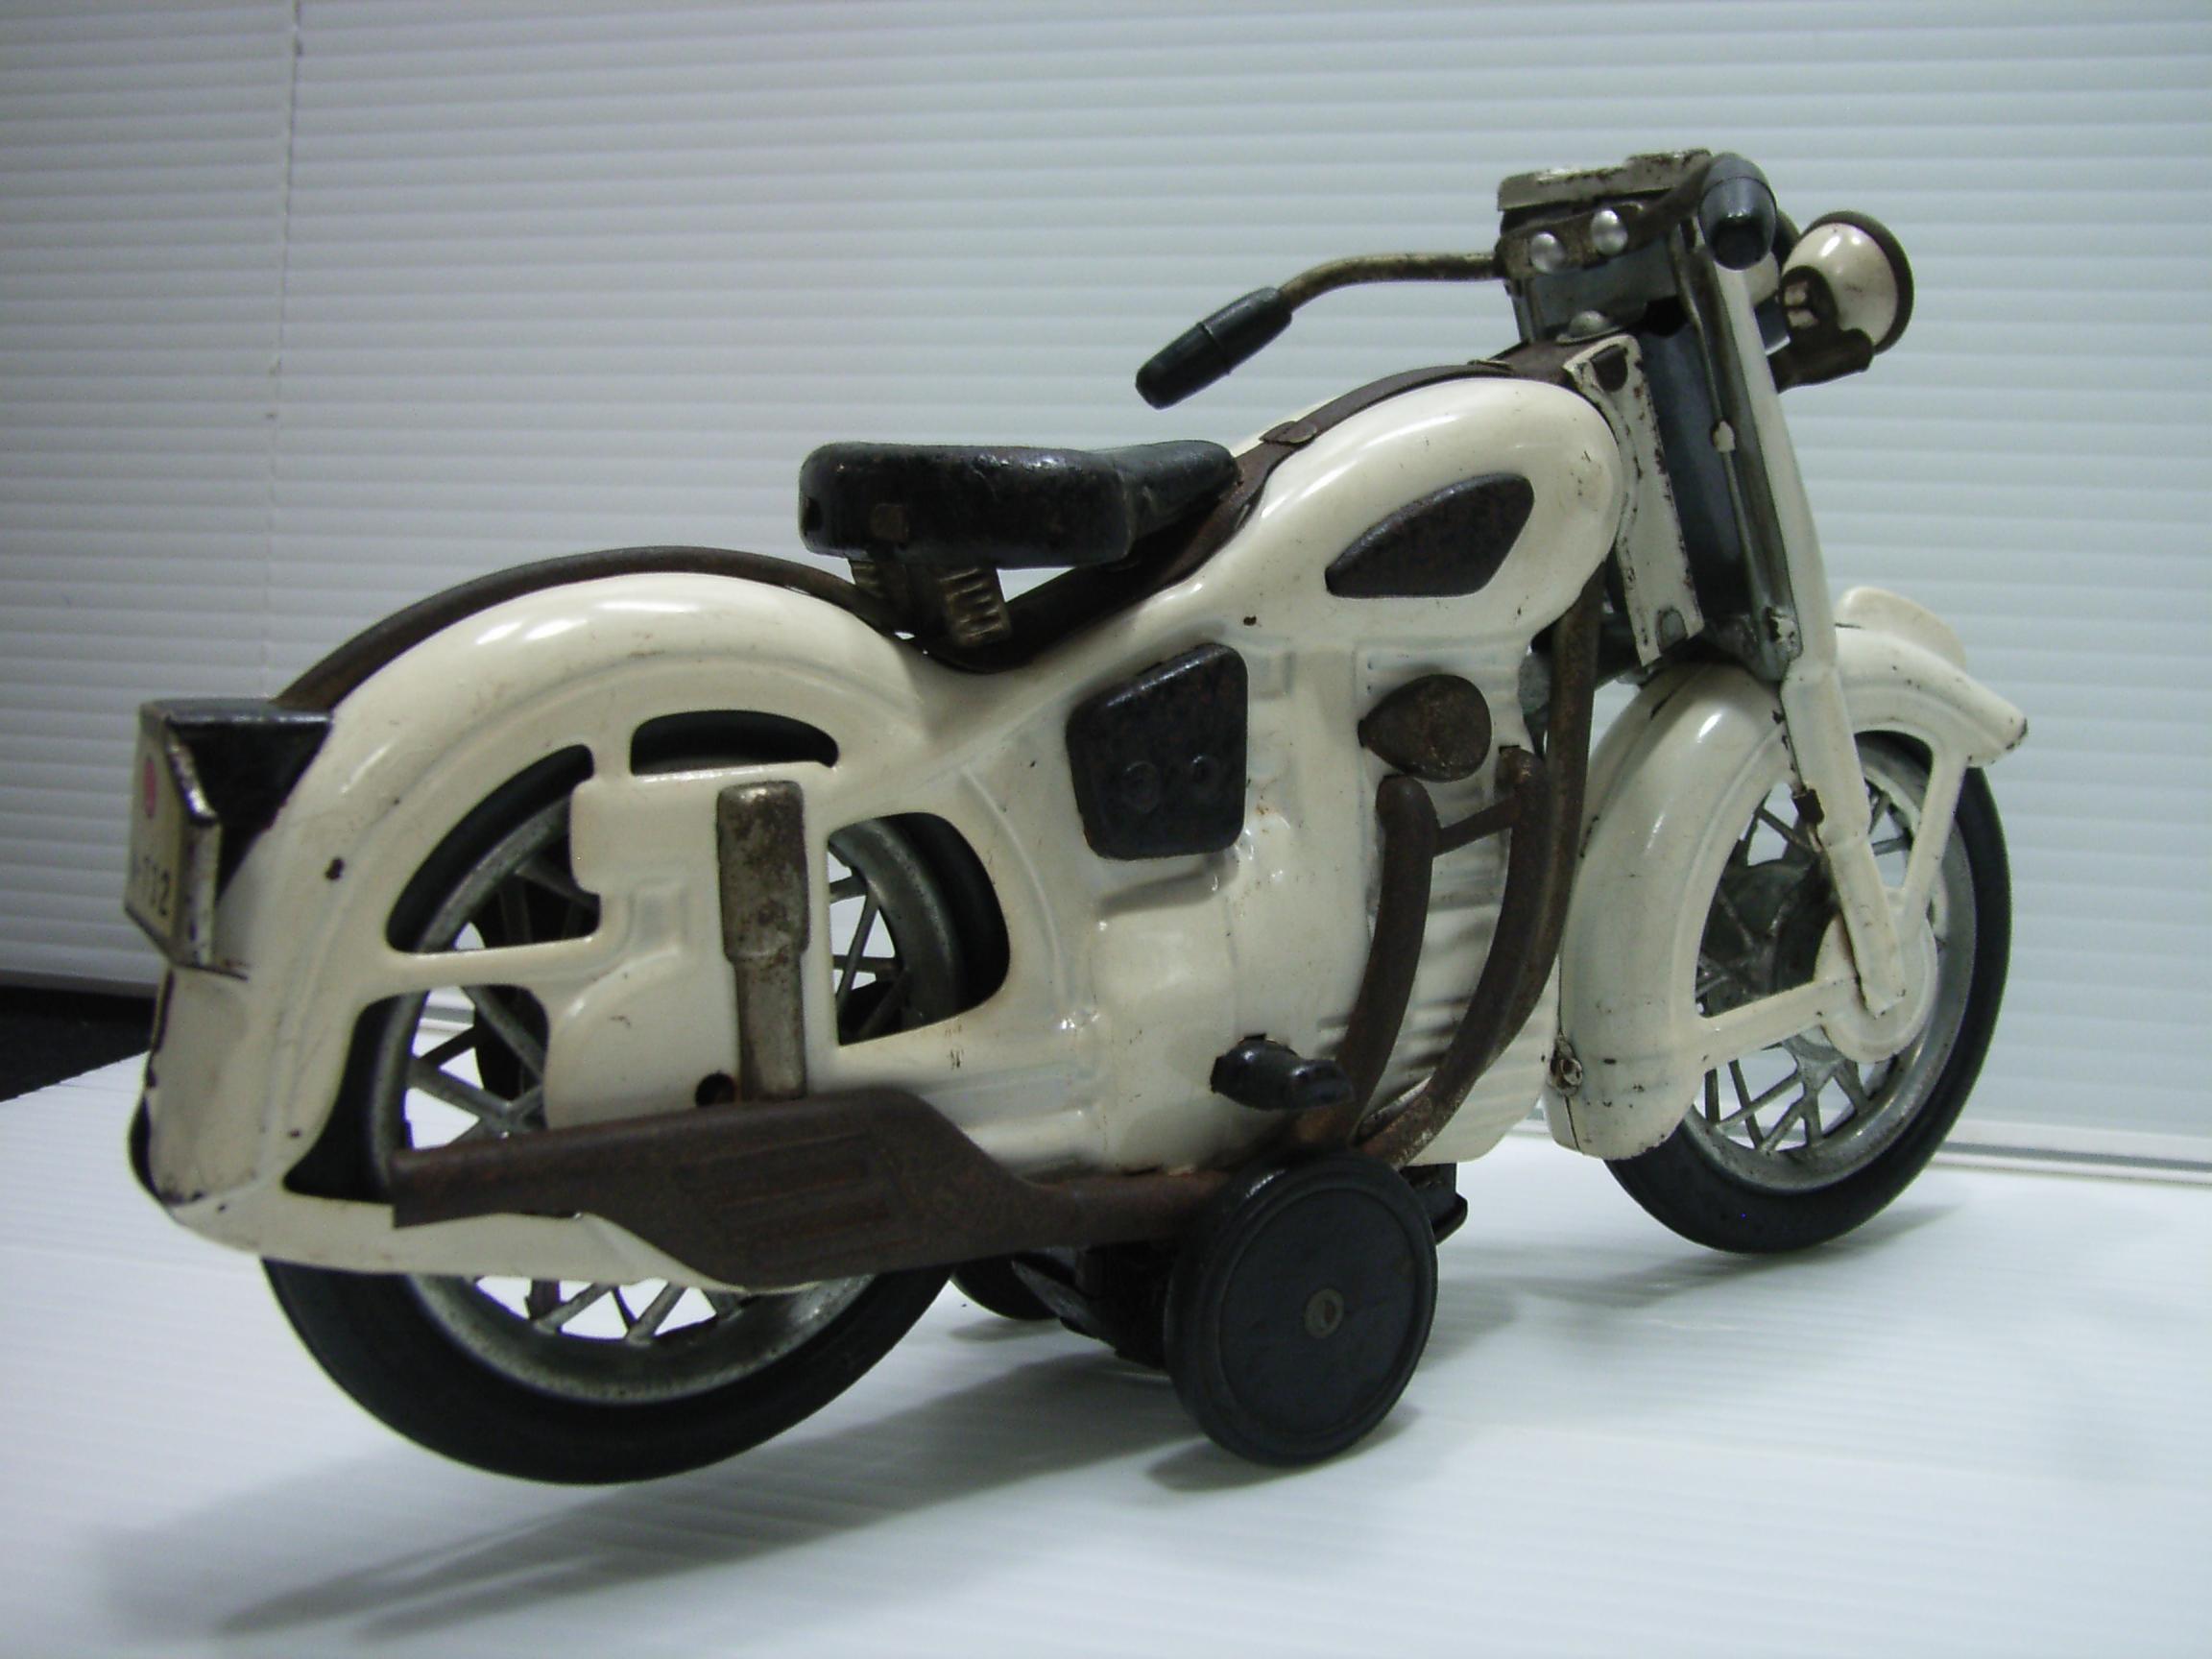 希少☆マルサン? サンビーム ブリキ オートバイ 大 21.7cm 220g 当時物 JAPAN 現状 詳細不明 【TO3139】